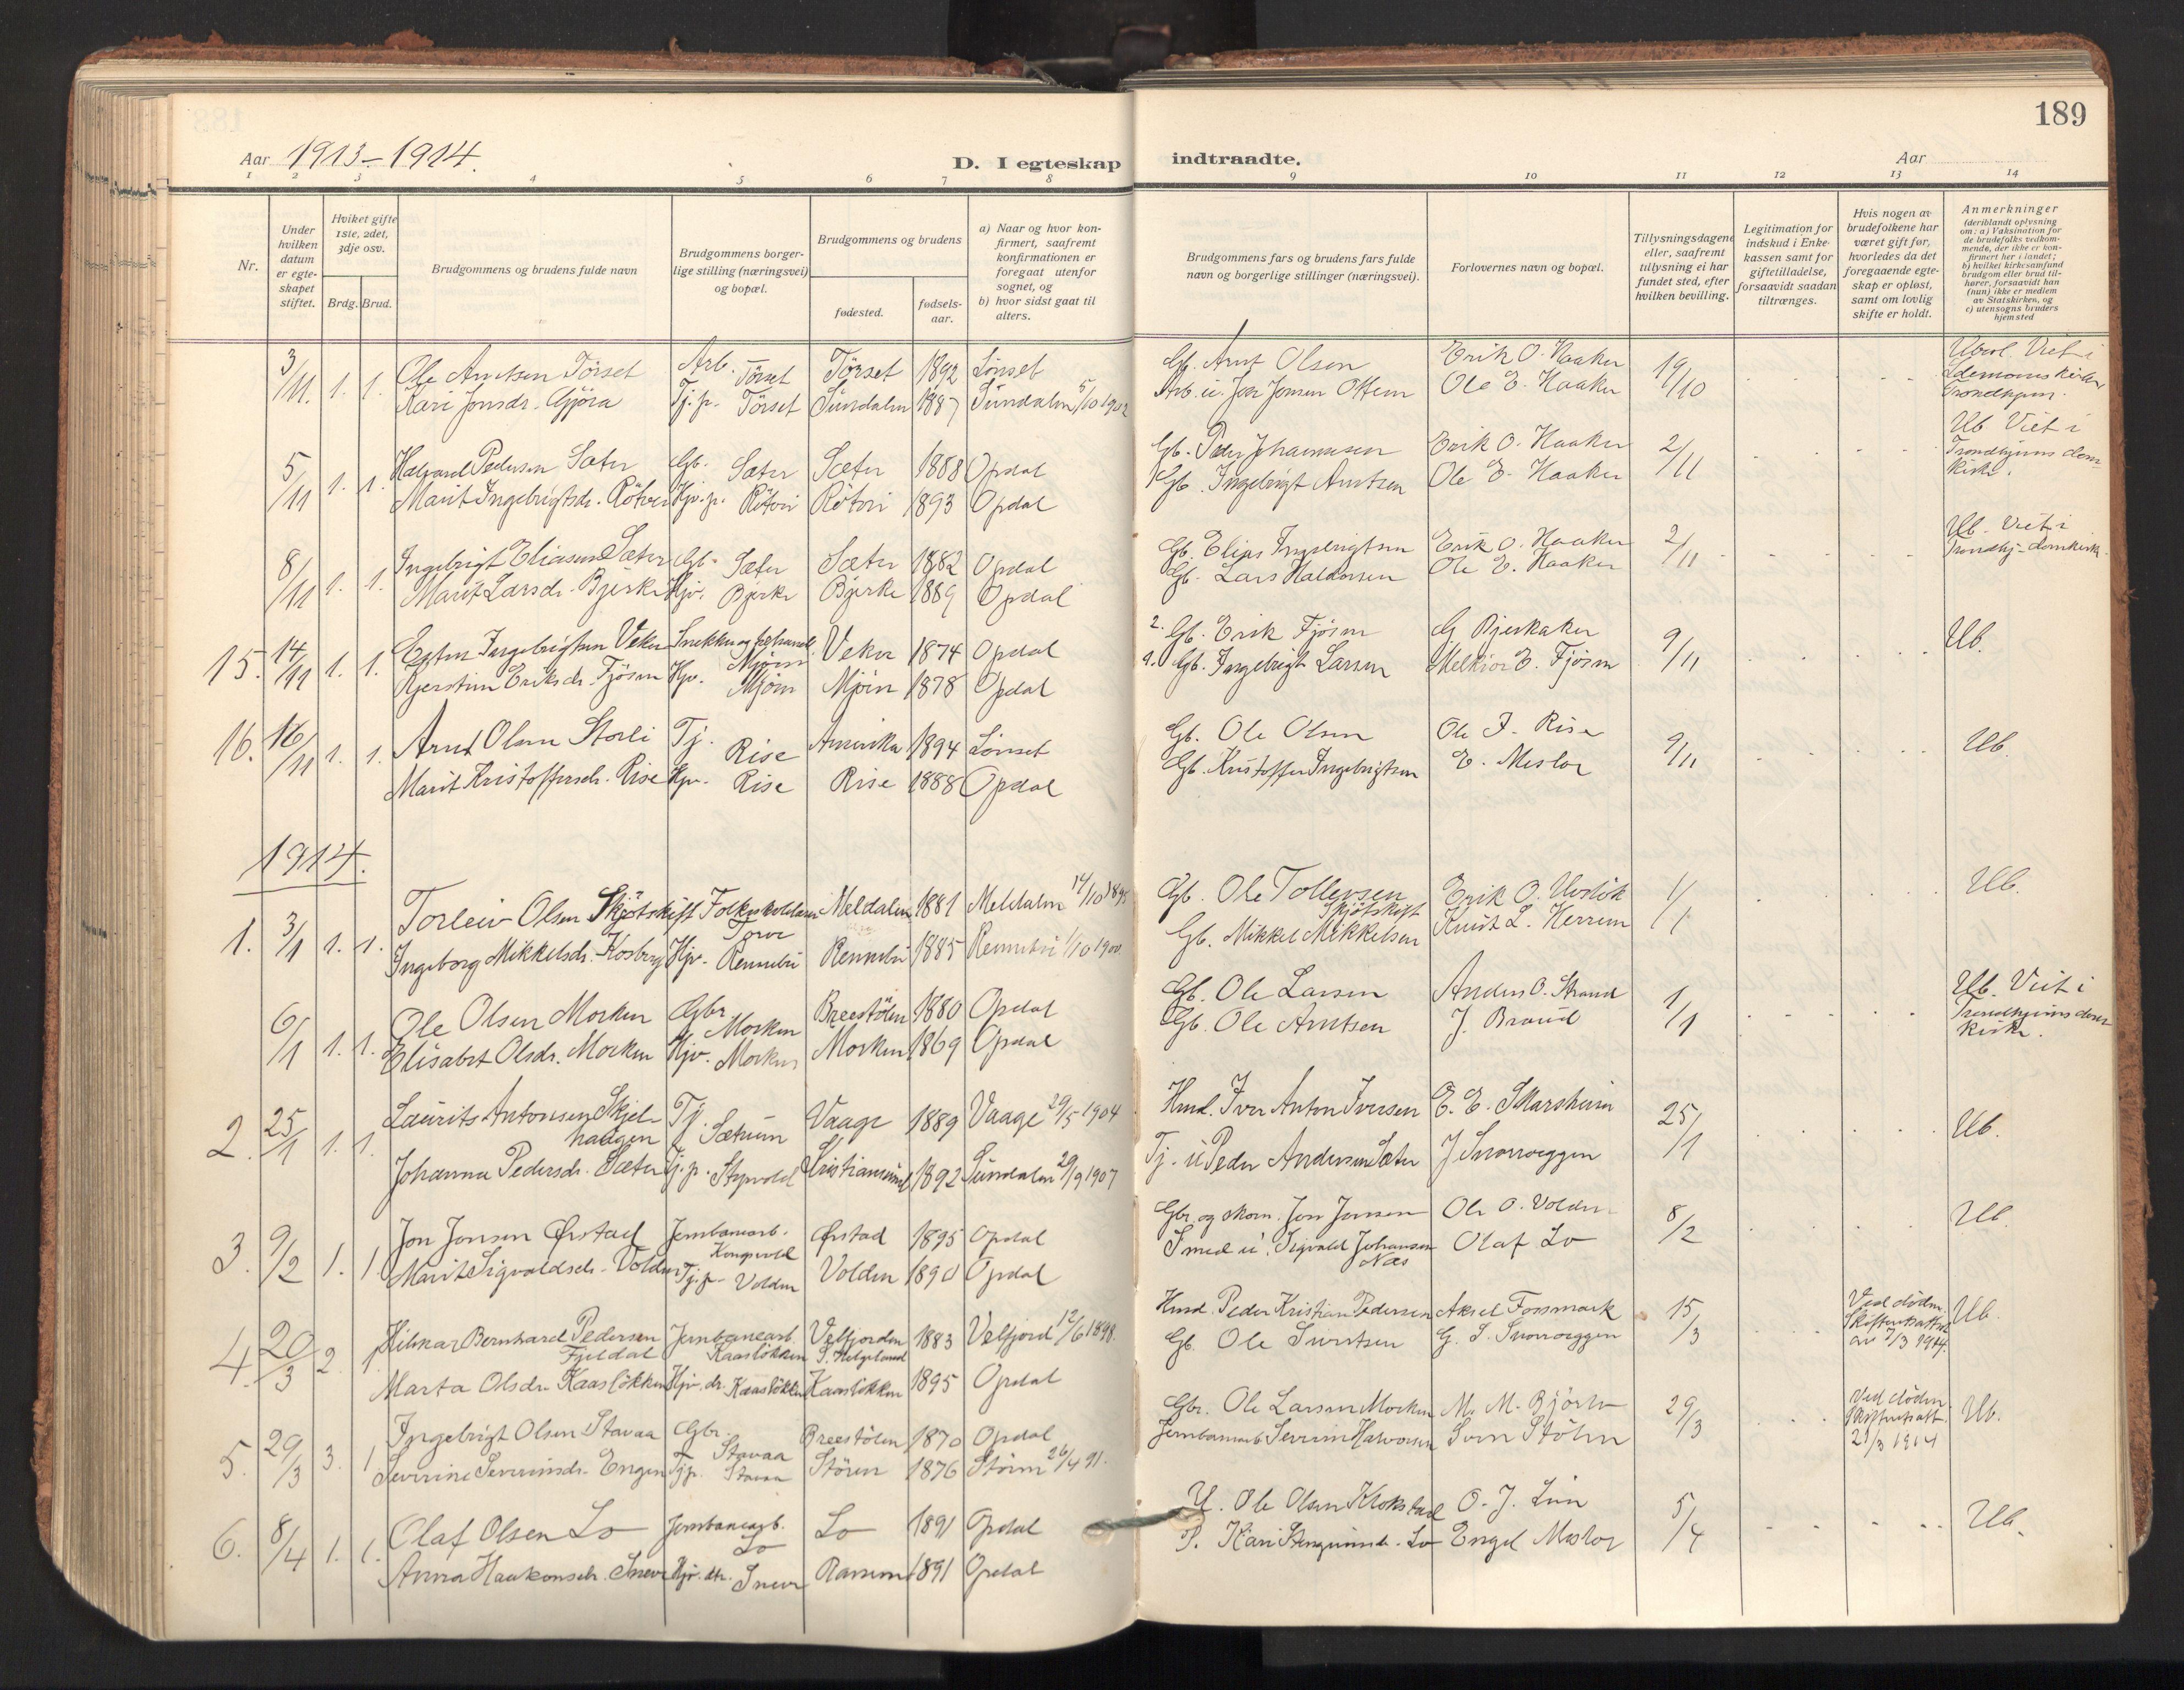 SAT, Ministerialprotokoller, klokkerbøker og fødselsregistre - Sør-Trøndelag, 678/L0909: Ministerialbok nr. 678A17, 1912-1930, s. 189